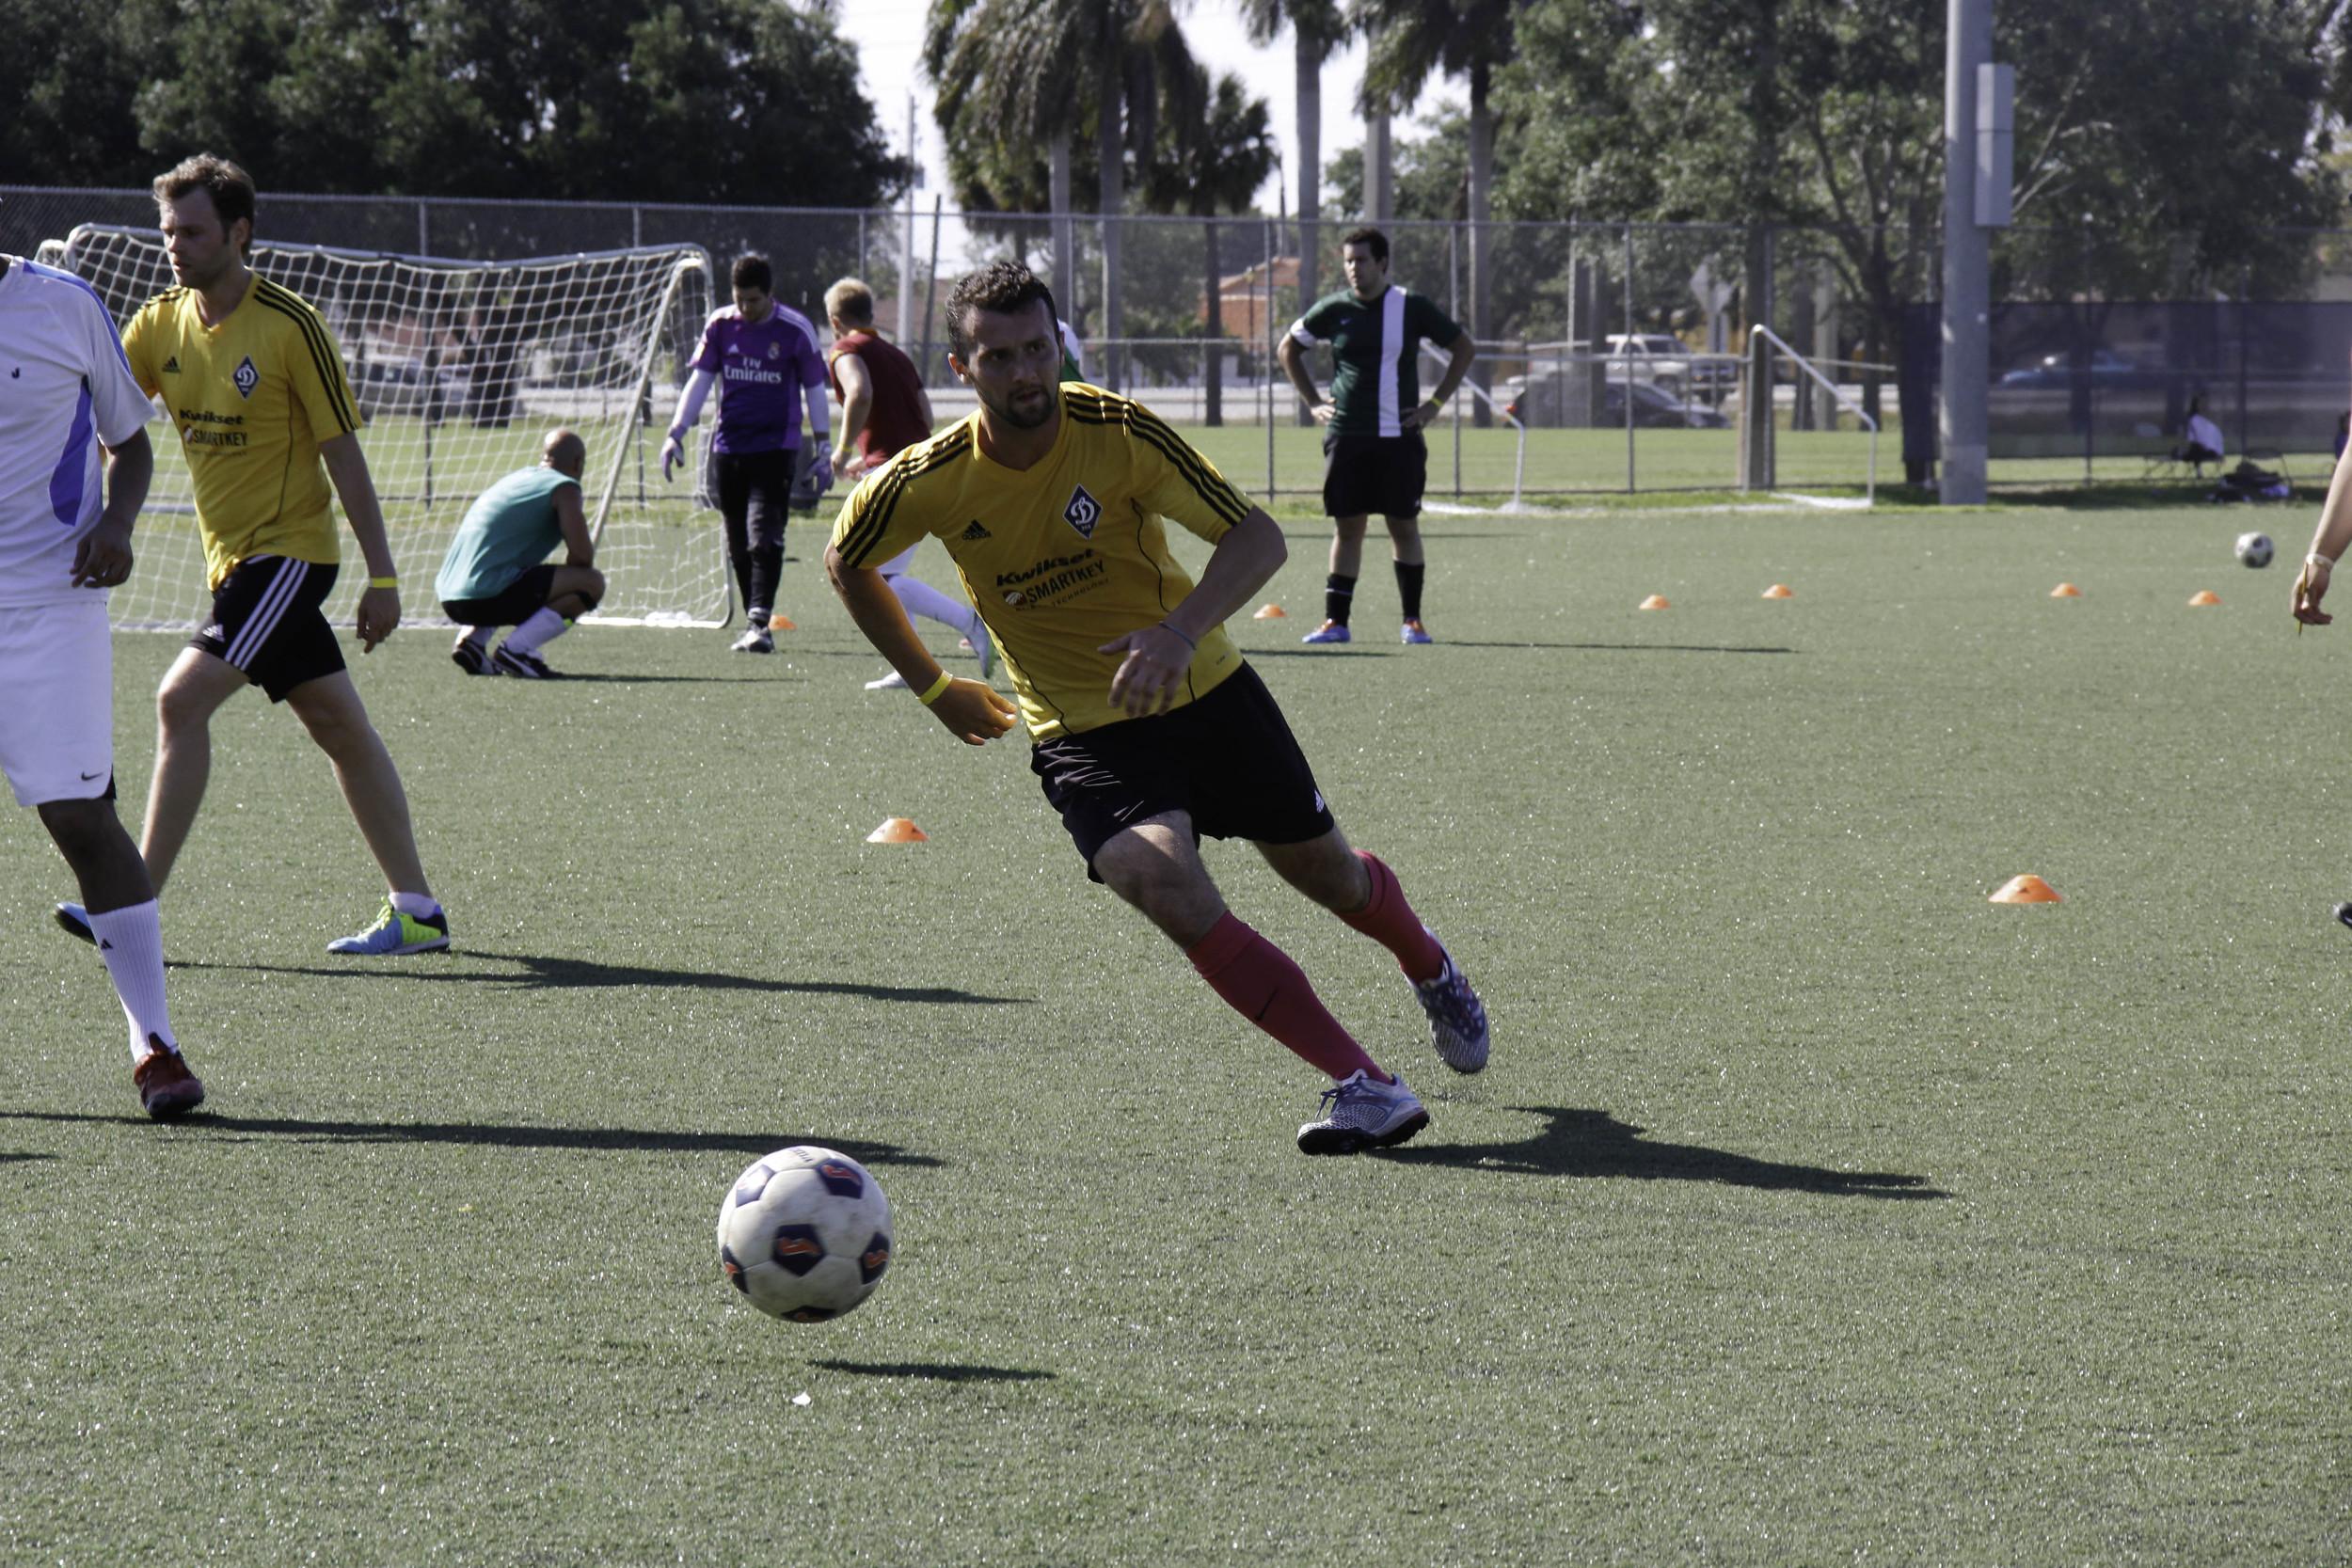 soccer4autisim (234 of 354).jpg